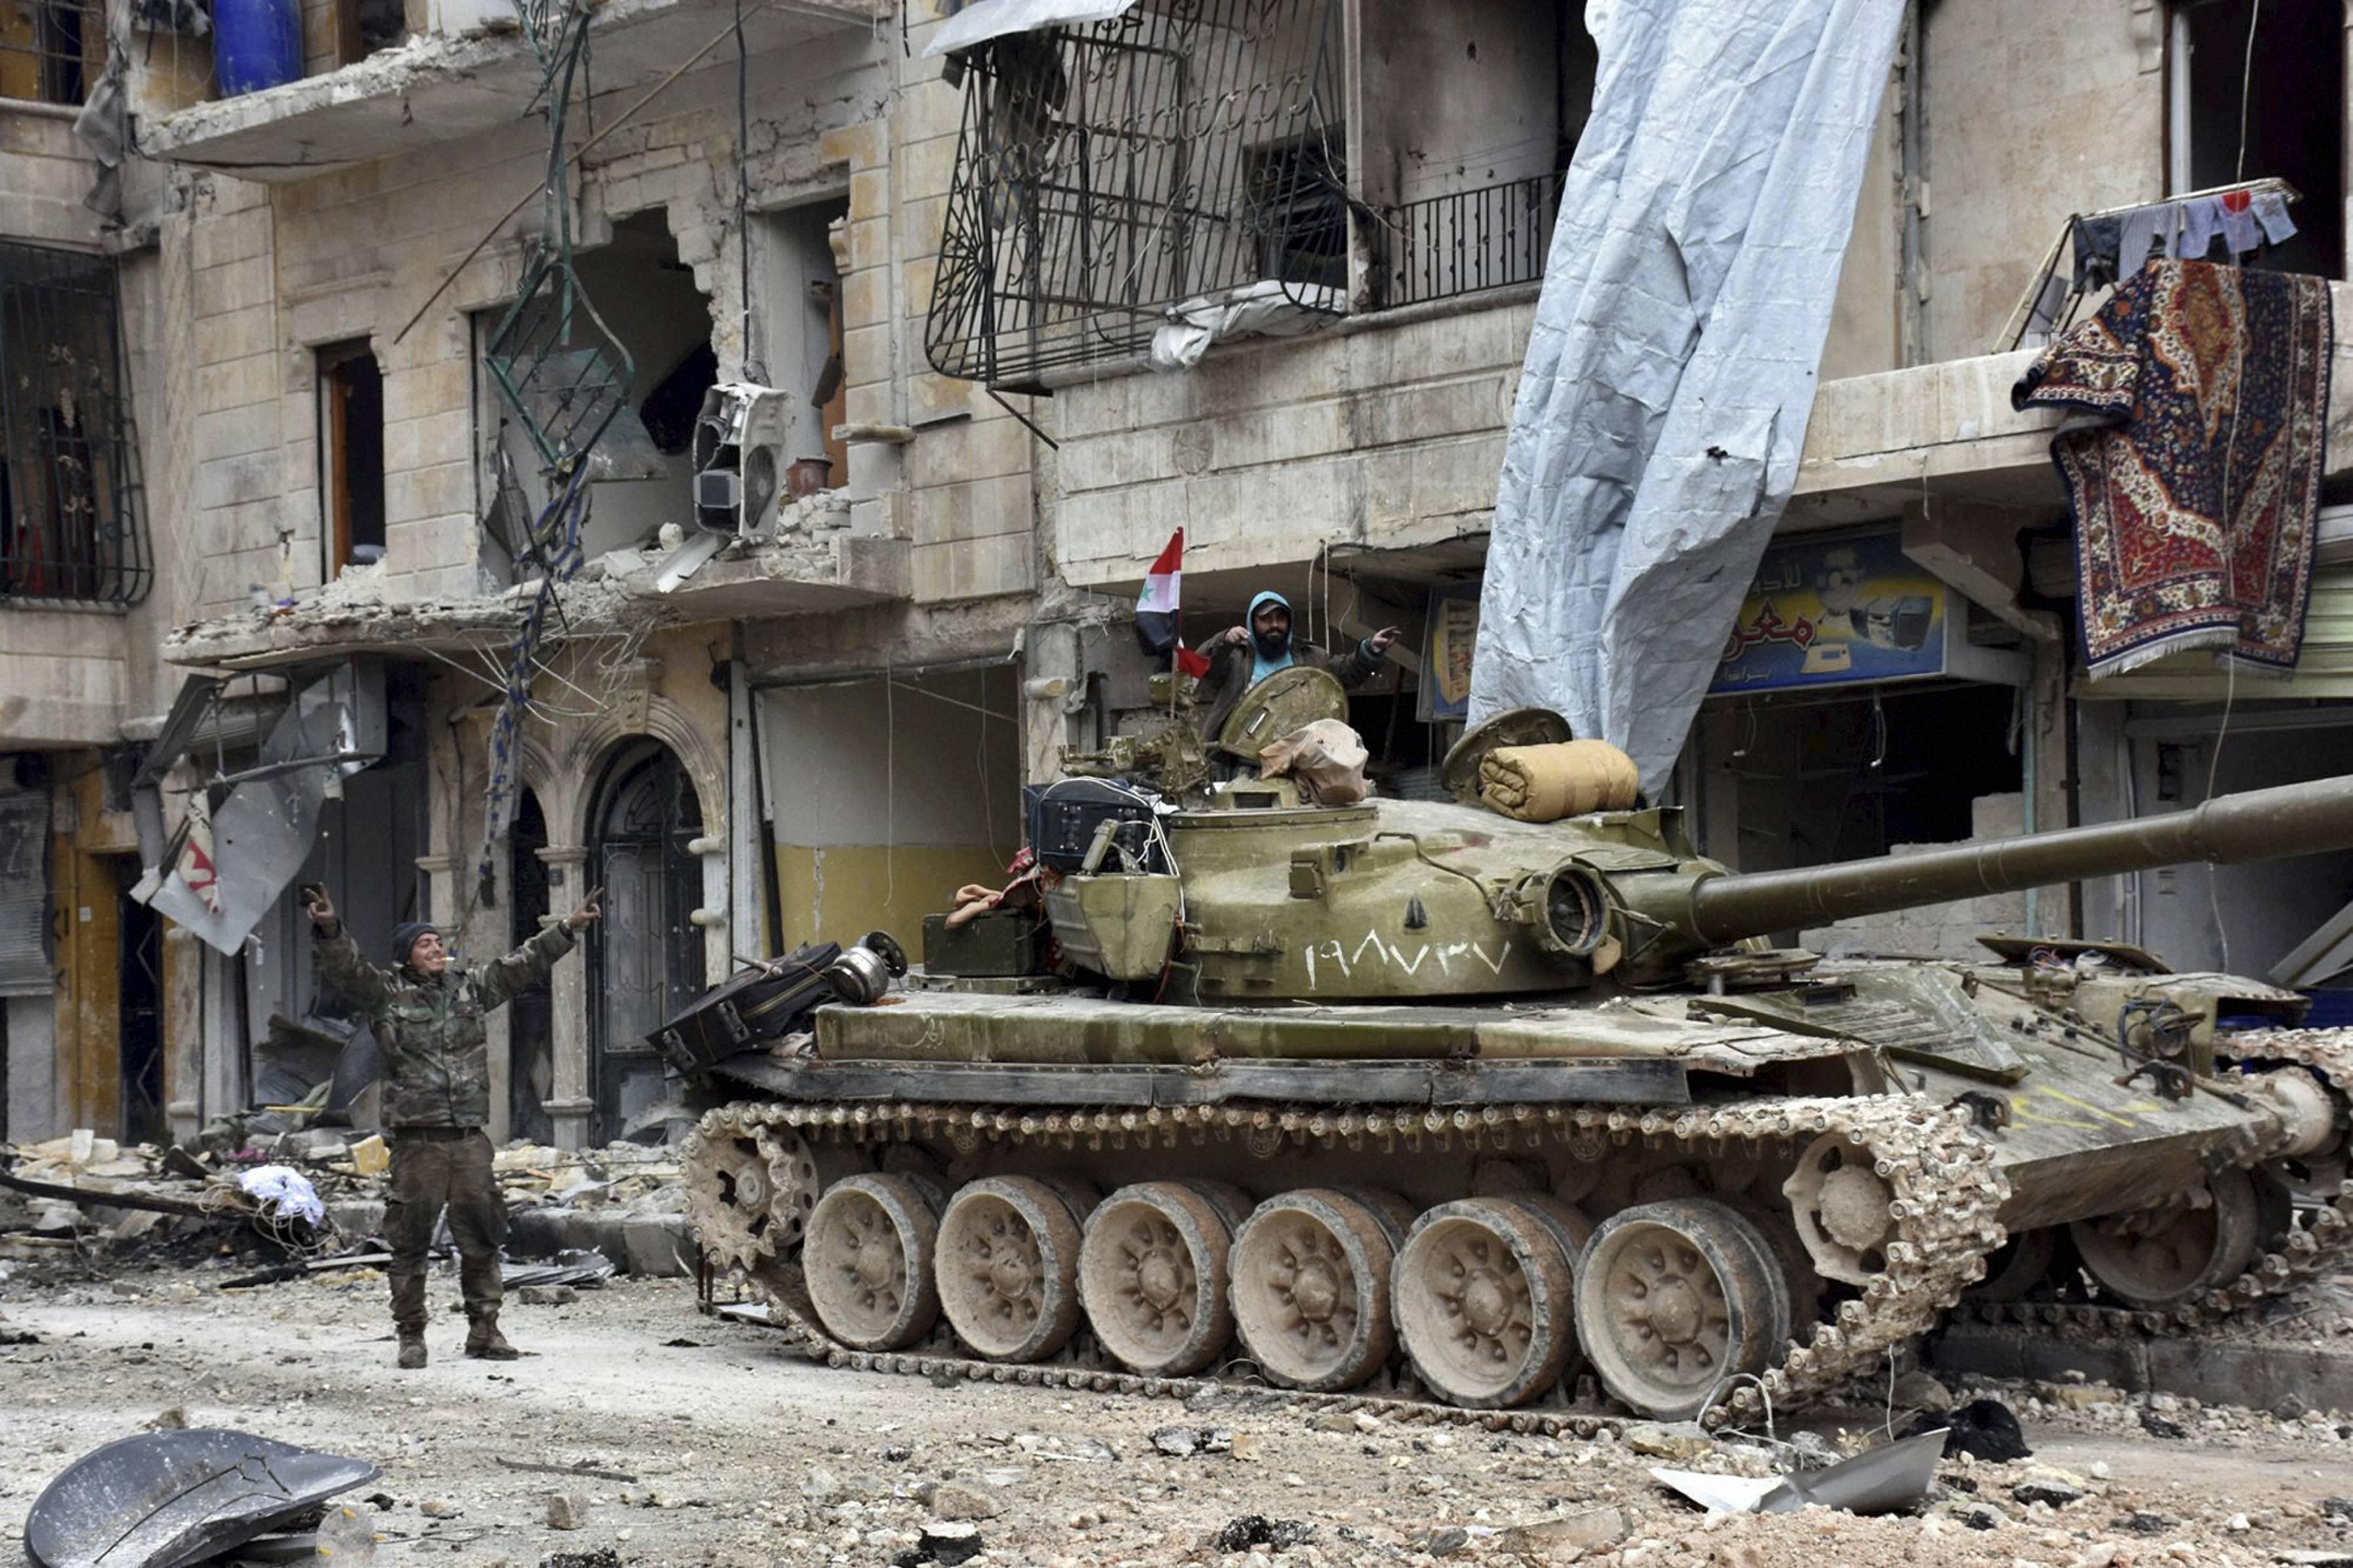 Aleppo sees shelling, air strikes again as Assad urges peace talks